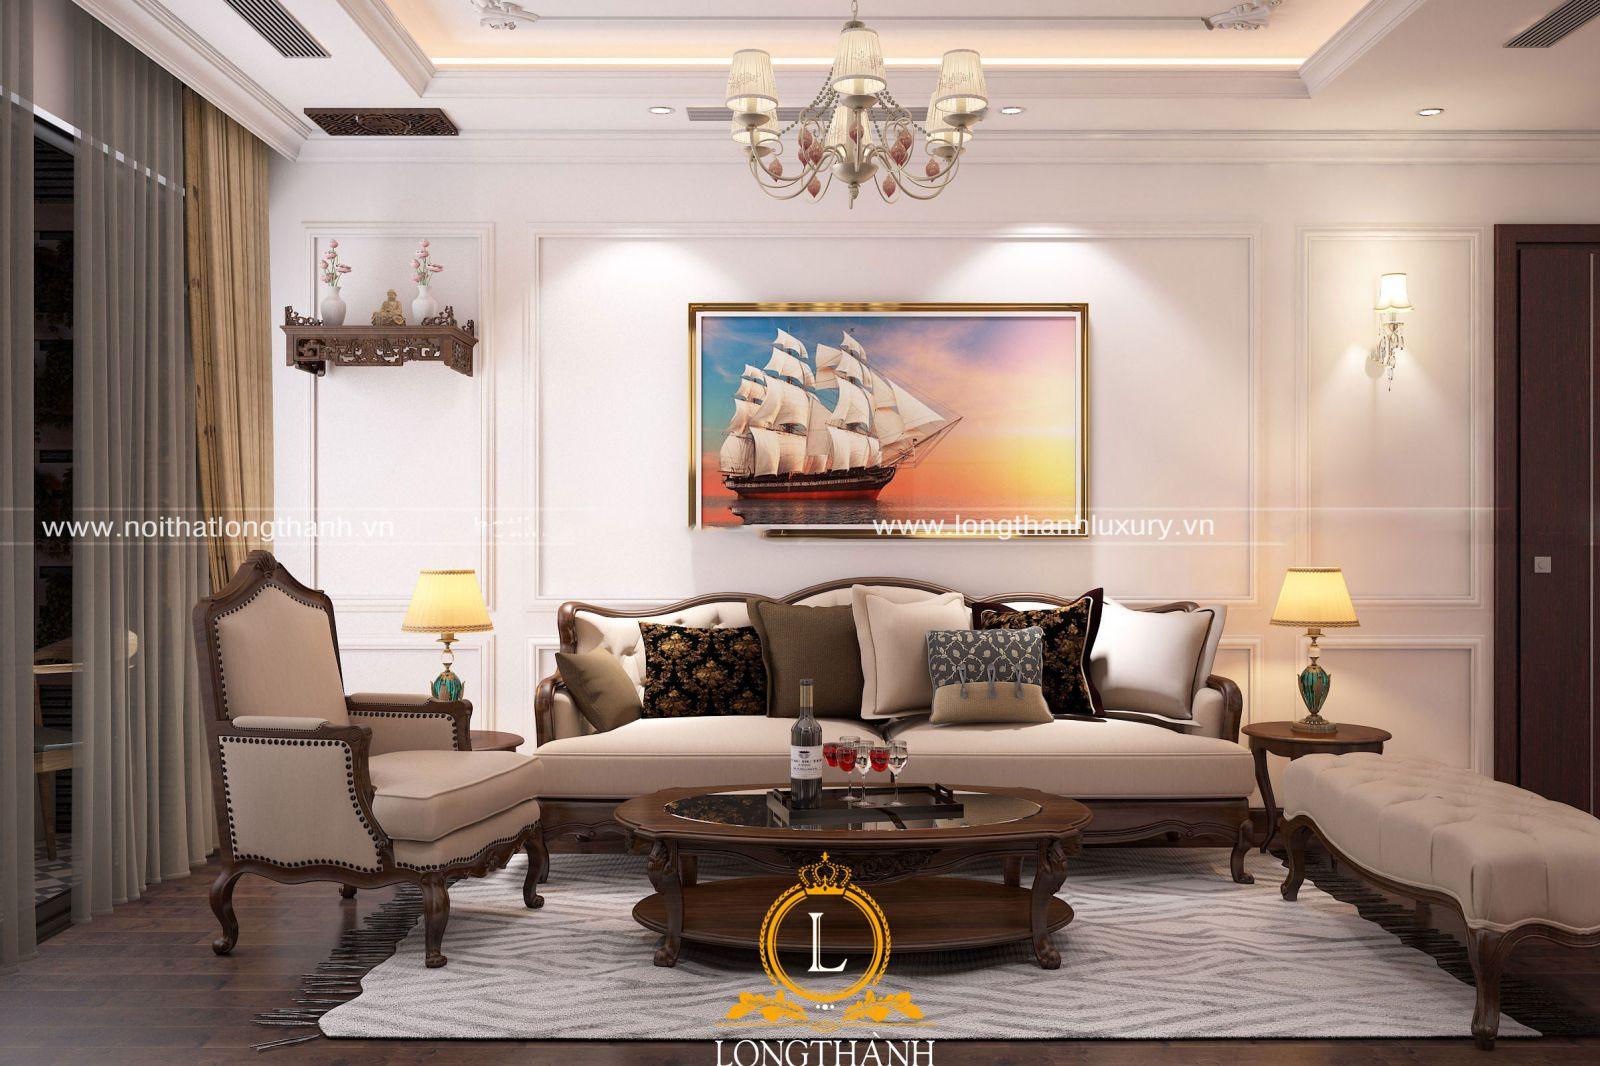 Phong cách tân cổ điển cho phòng khách nhỏ